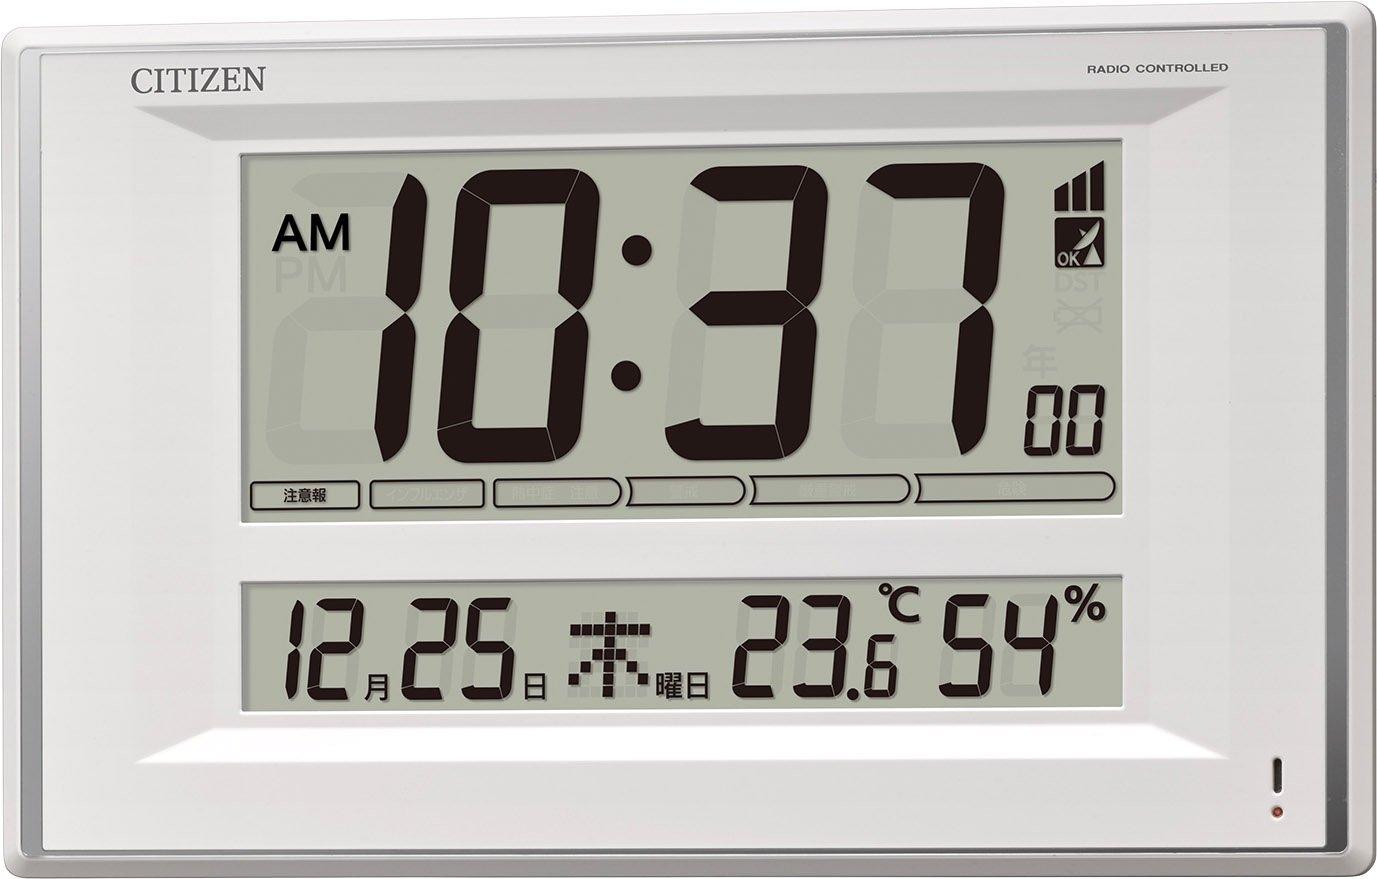 シチズン 掛け時計 電波 デジタル R198 温度 湿度 カレンダー 熱中症 警告音注意機能 置き掛け兼用 銀色 CITIZEN 8RZ198-003 B077BC6N7J